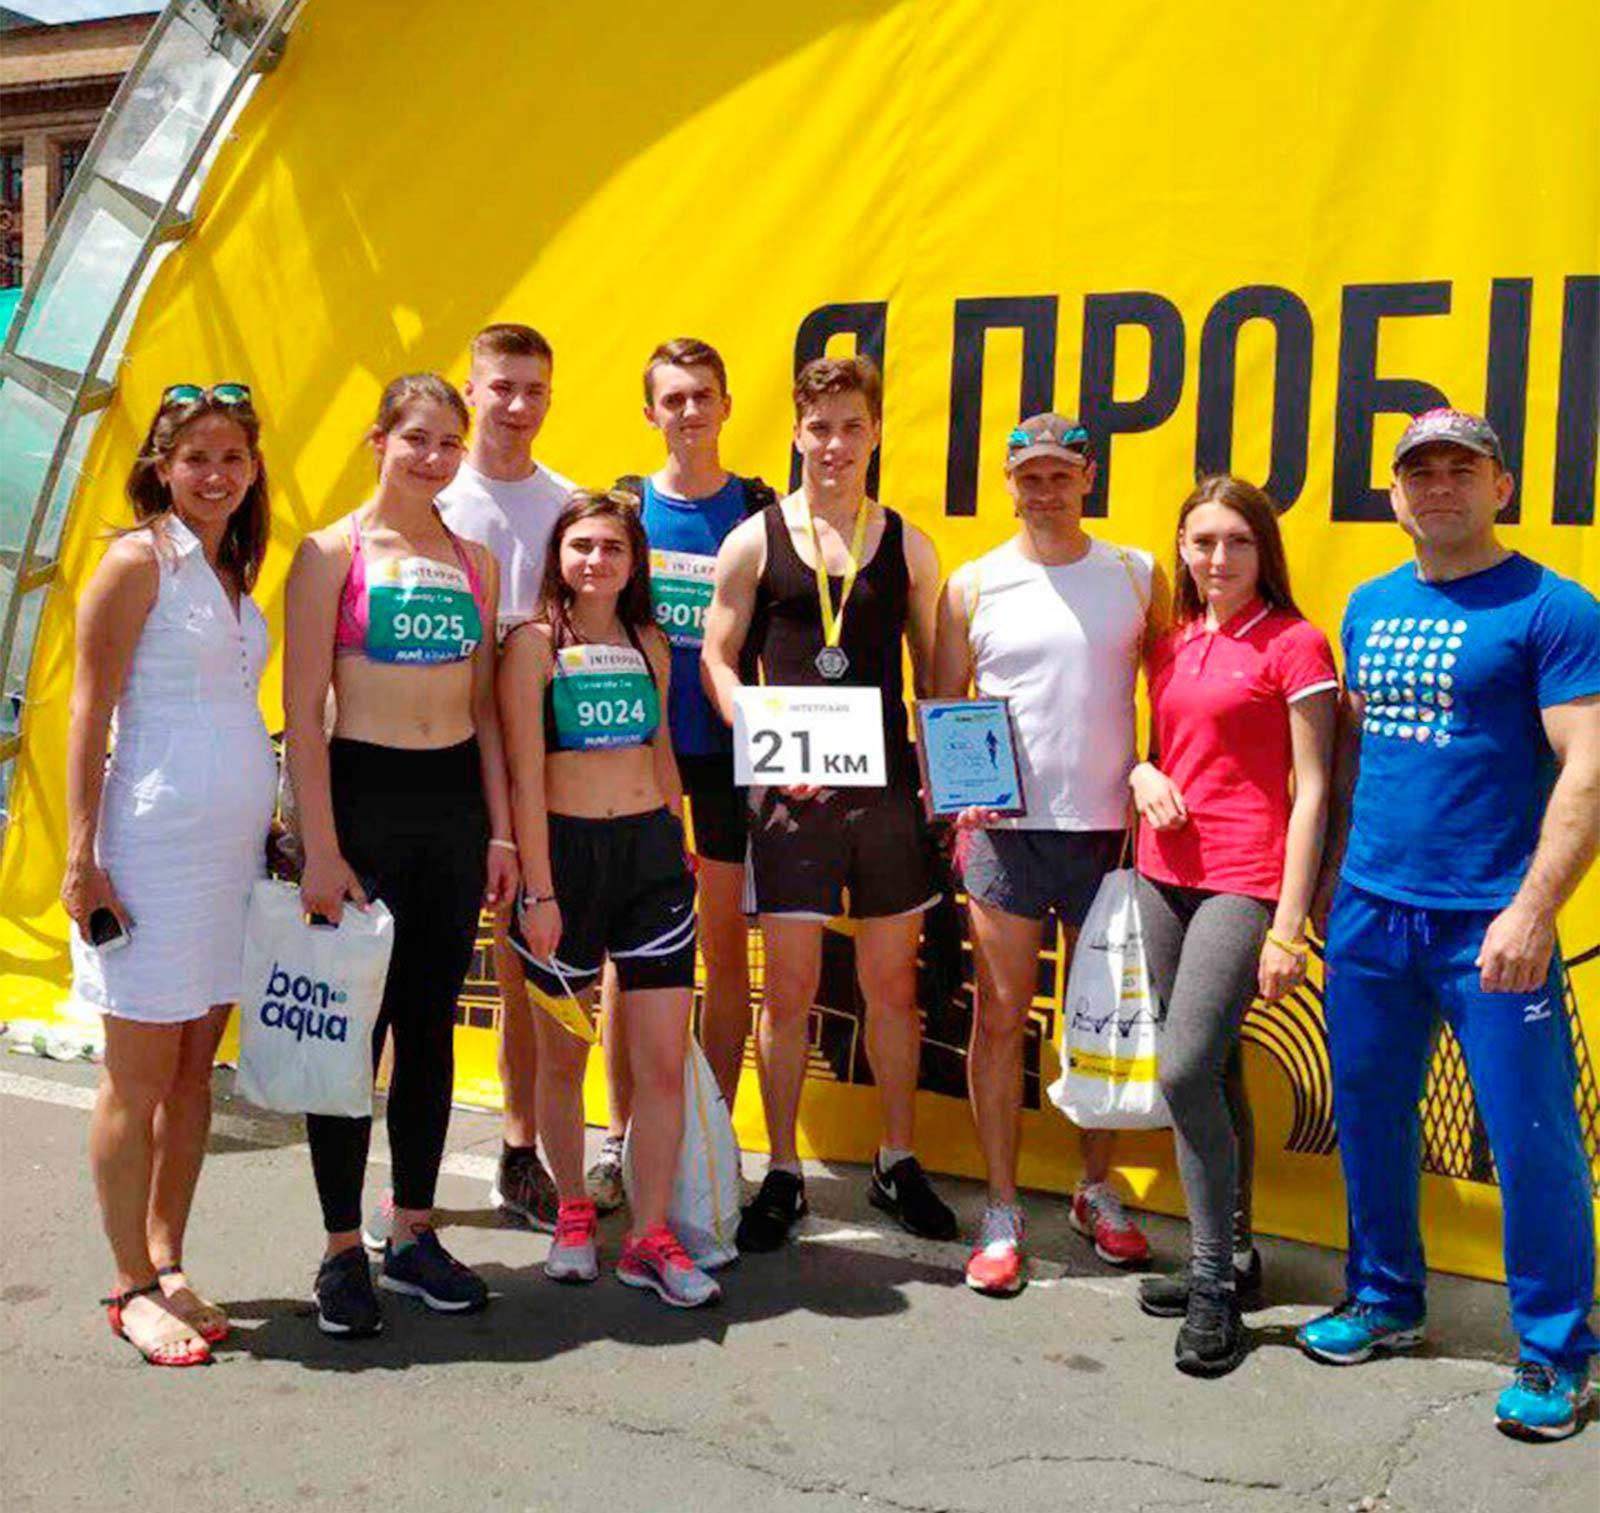 Дніпровський Напівмарафон - Interpipe Dnipro Half Marathon 2017